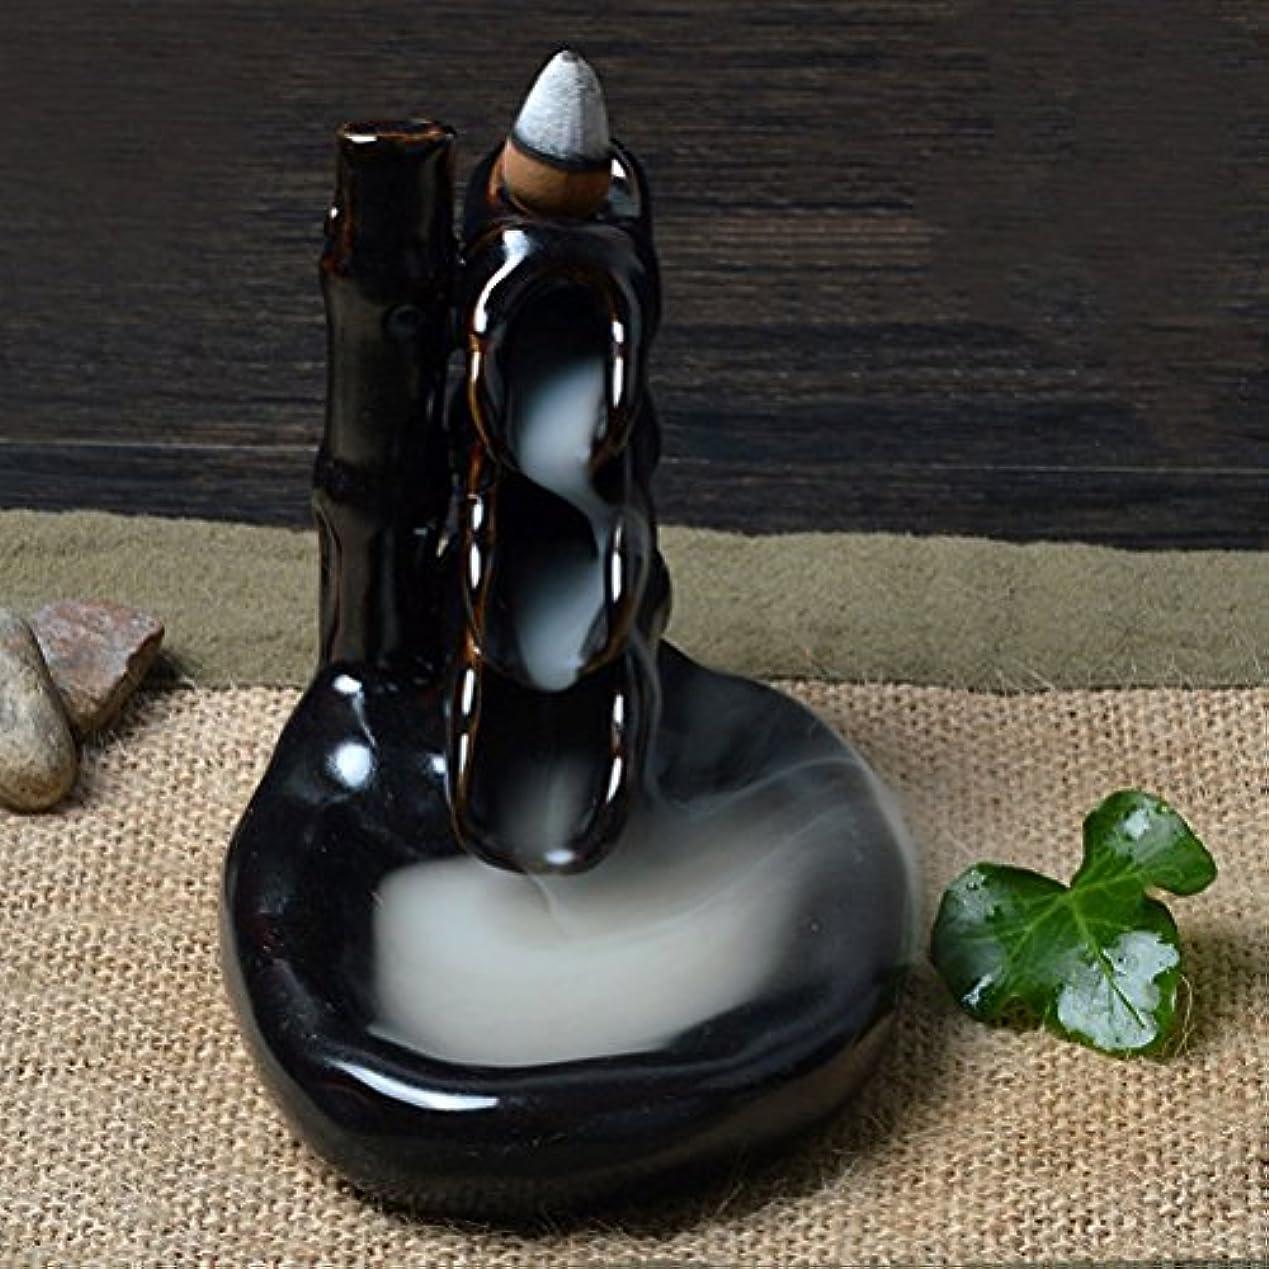 不良アクセシブルダーベビルのテスRosenice 香炉お香バーナー セラミック釉線香煙逆流タワー ホルダー